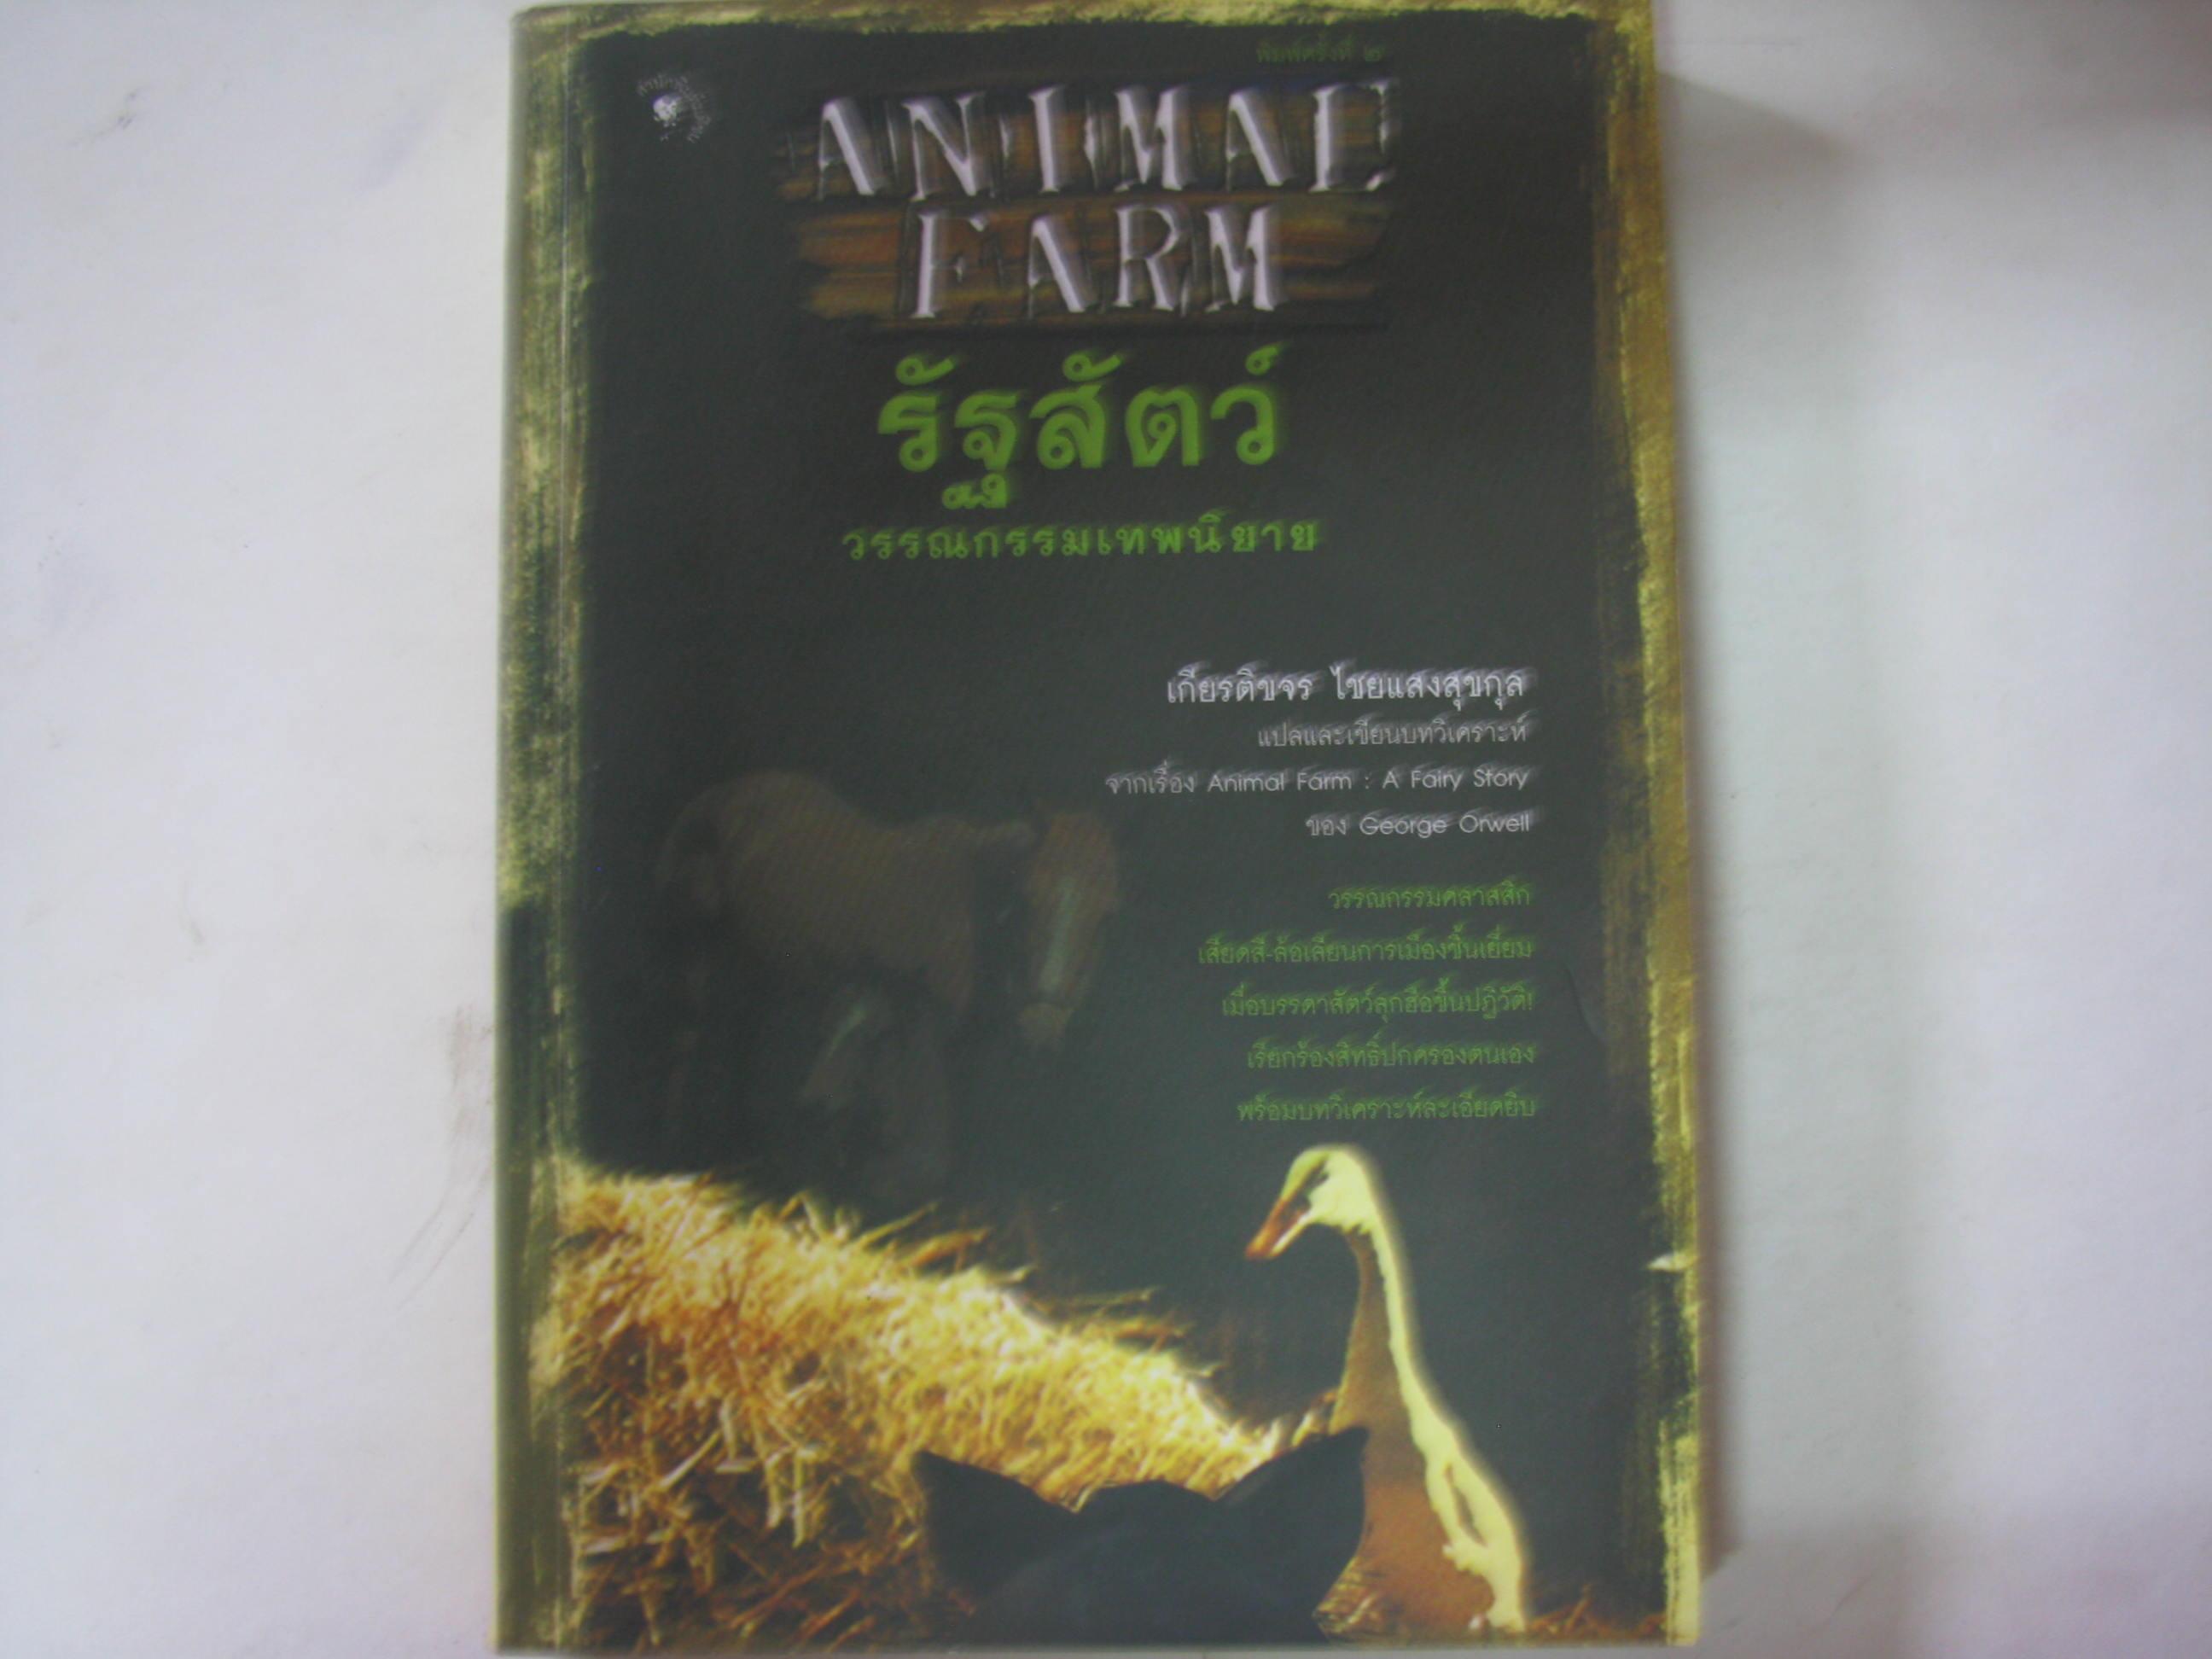 รัฐสัตว์ (Animal Farm : A Fairy Story) George Orwell เขียน เกียรติขจร ไชยแสงสุขกุล แปลและเขียนบทวิเคราะห์***สินค้าหมด***